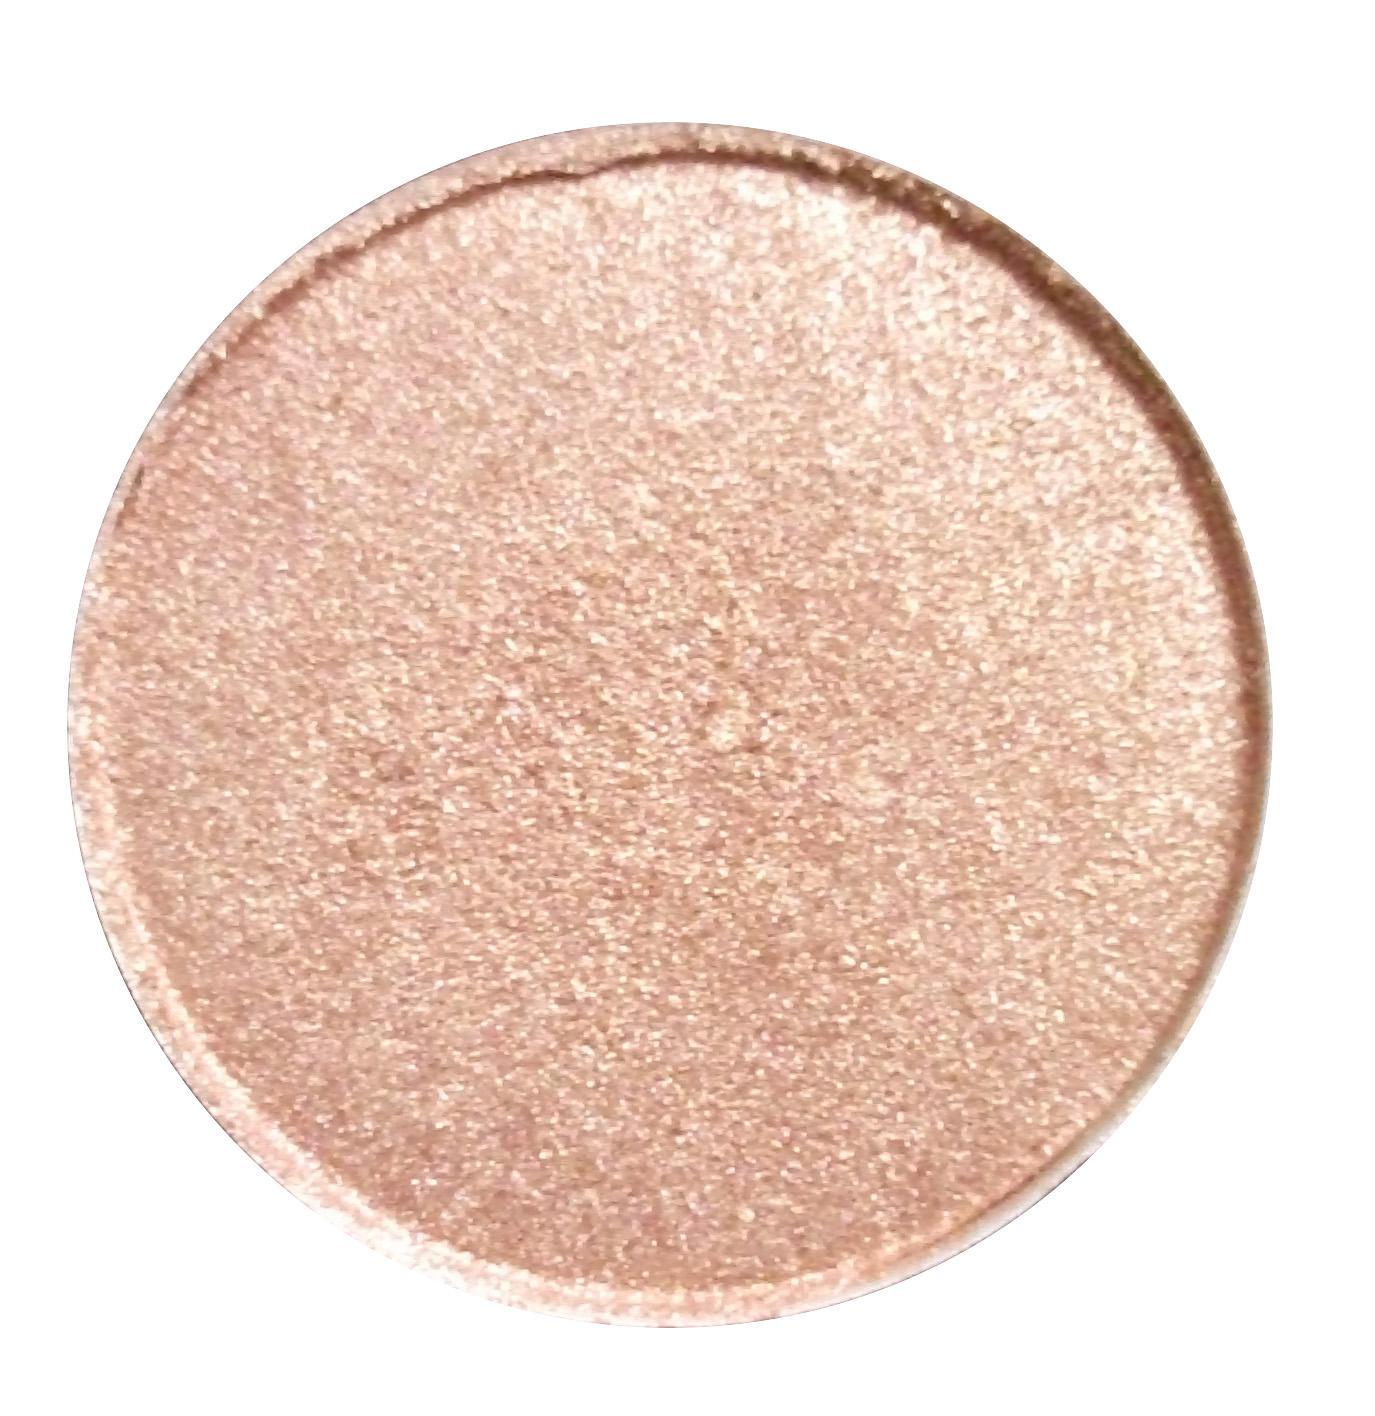 MAC Eyeshadow Refill All That Glitters